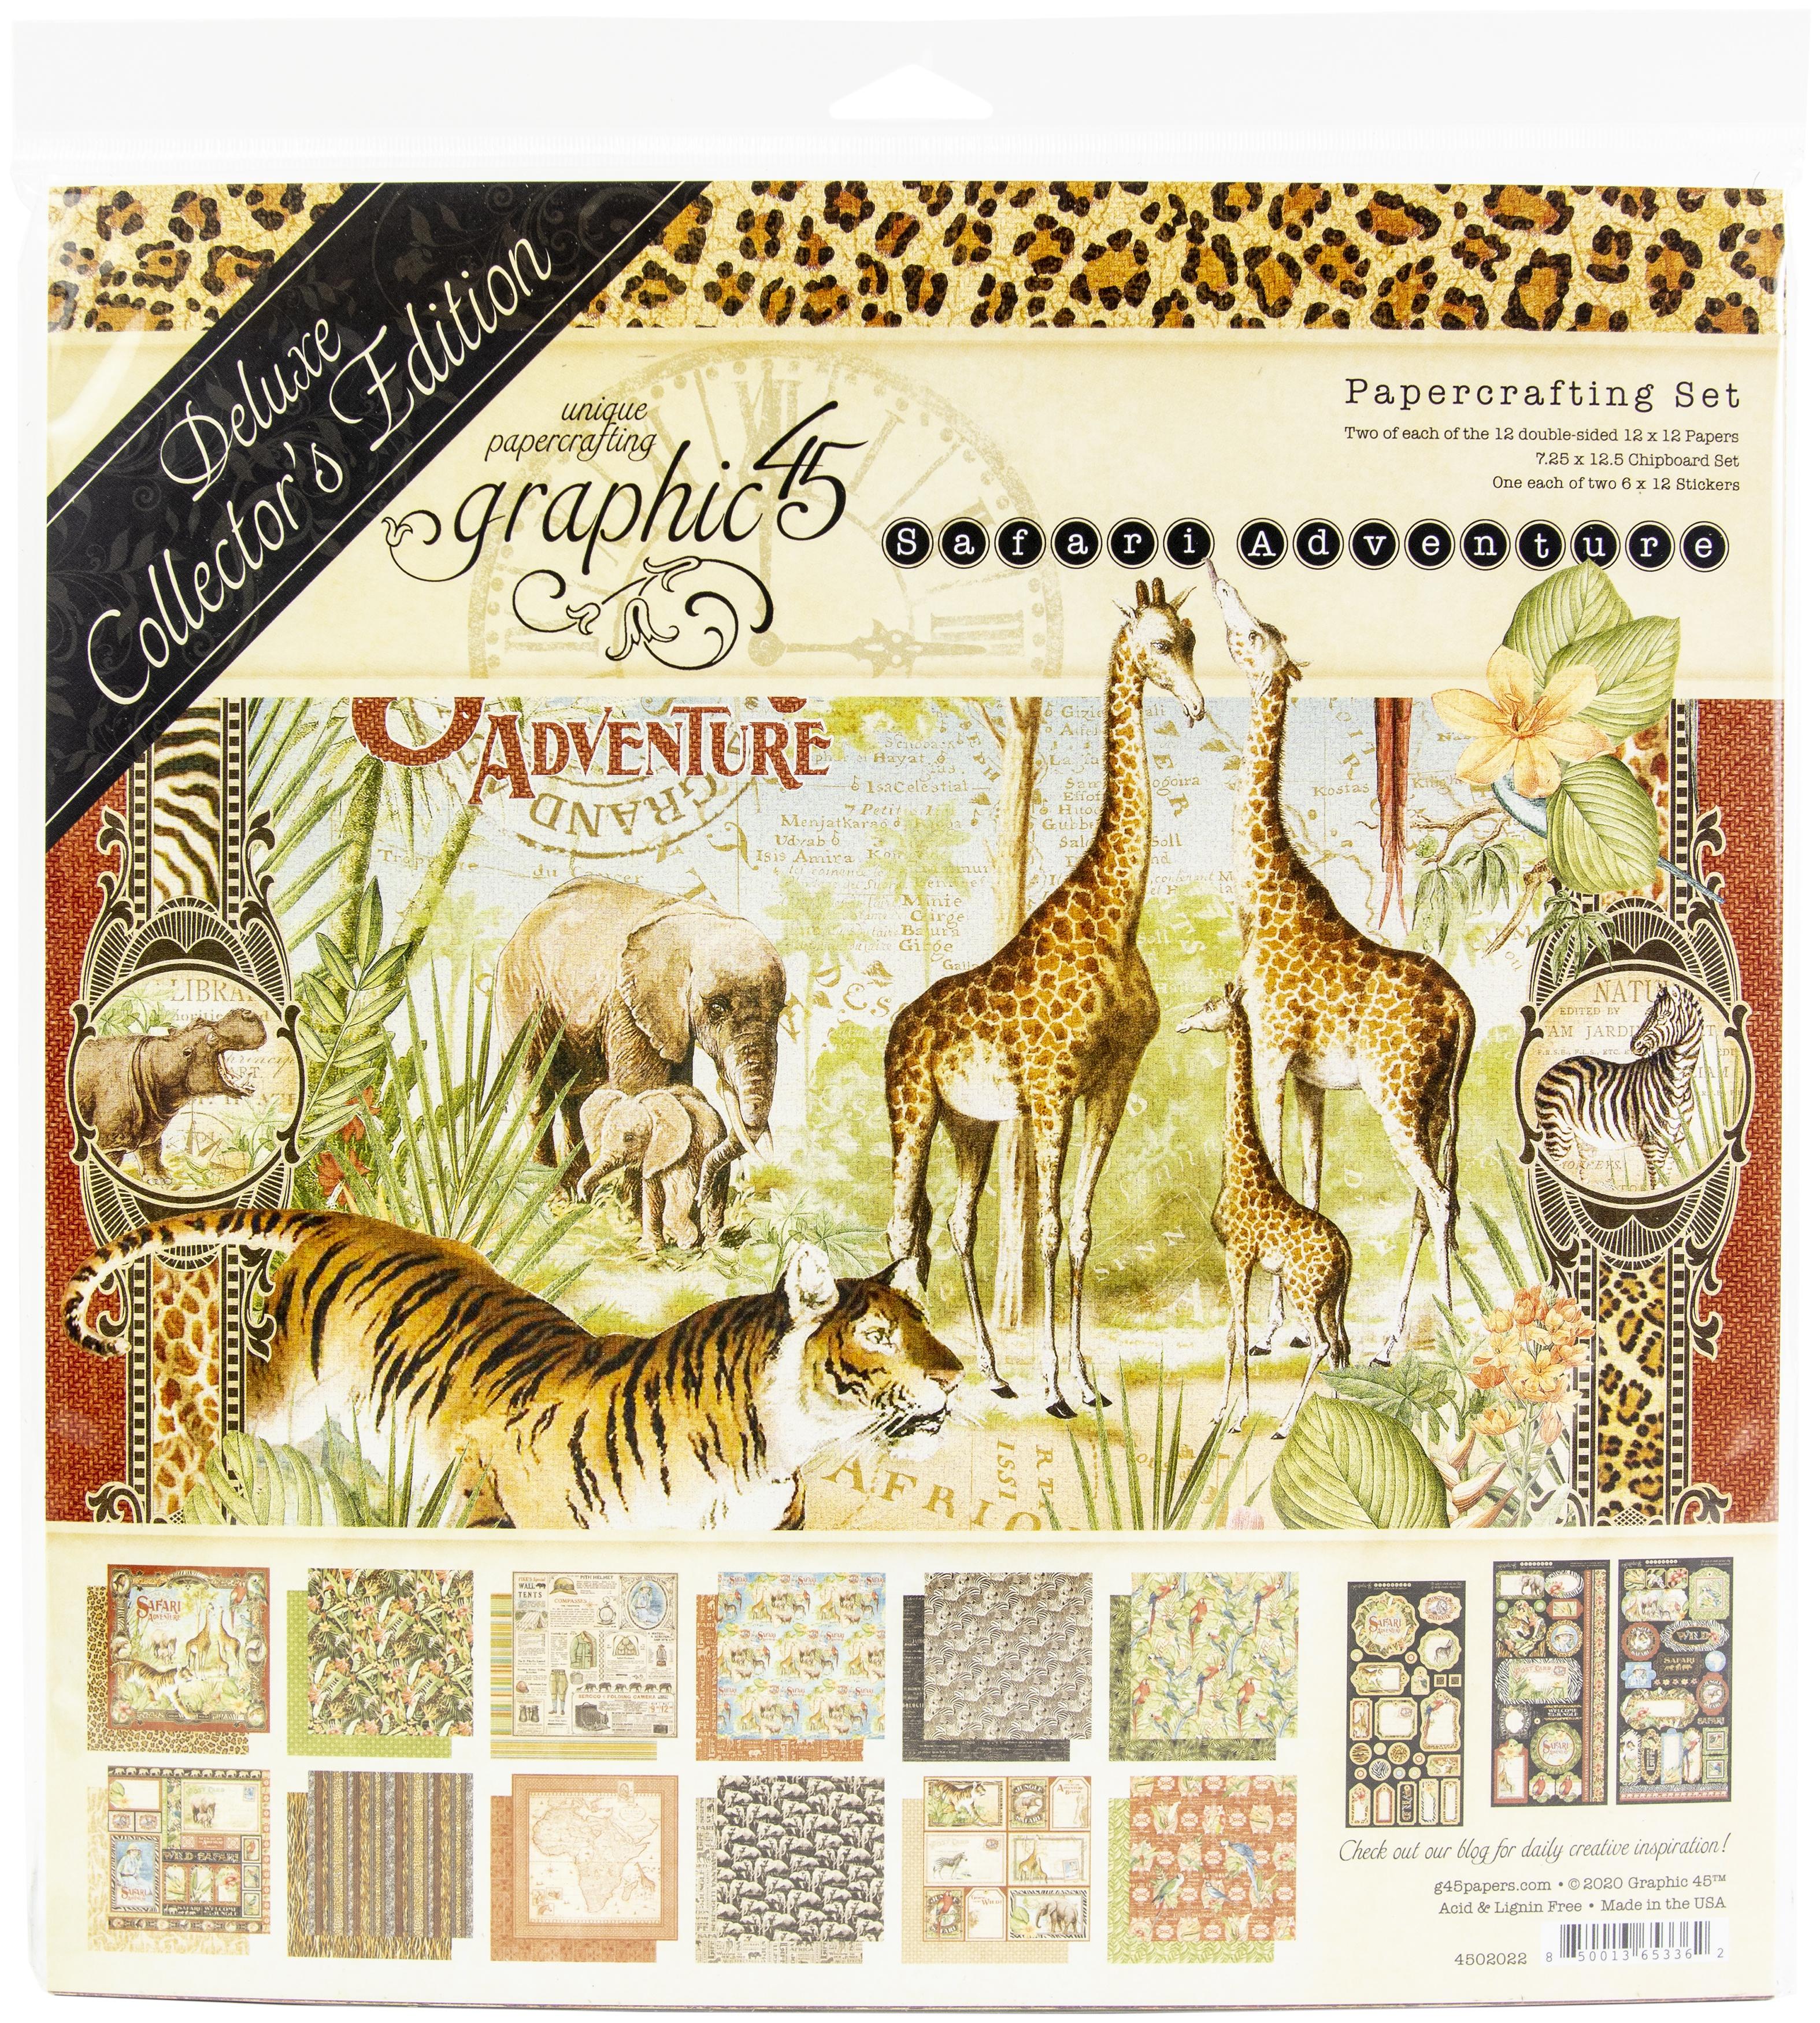 Safari Adventure Deluxe Collection